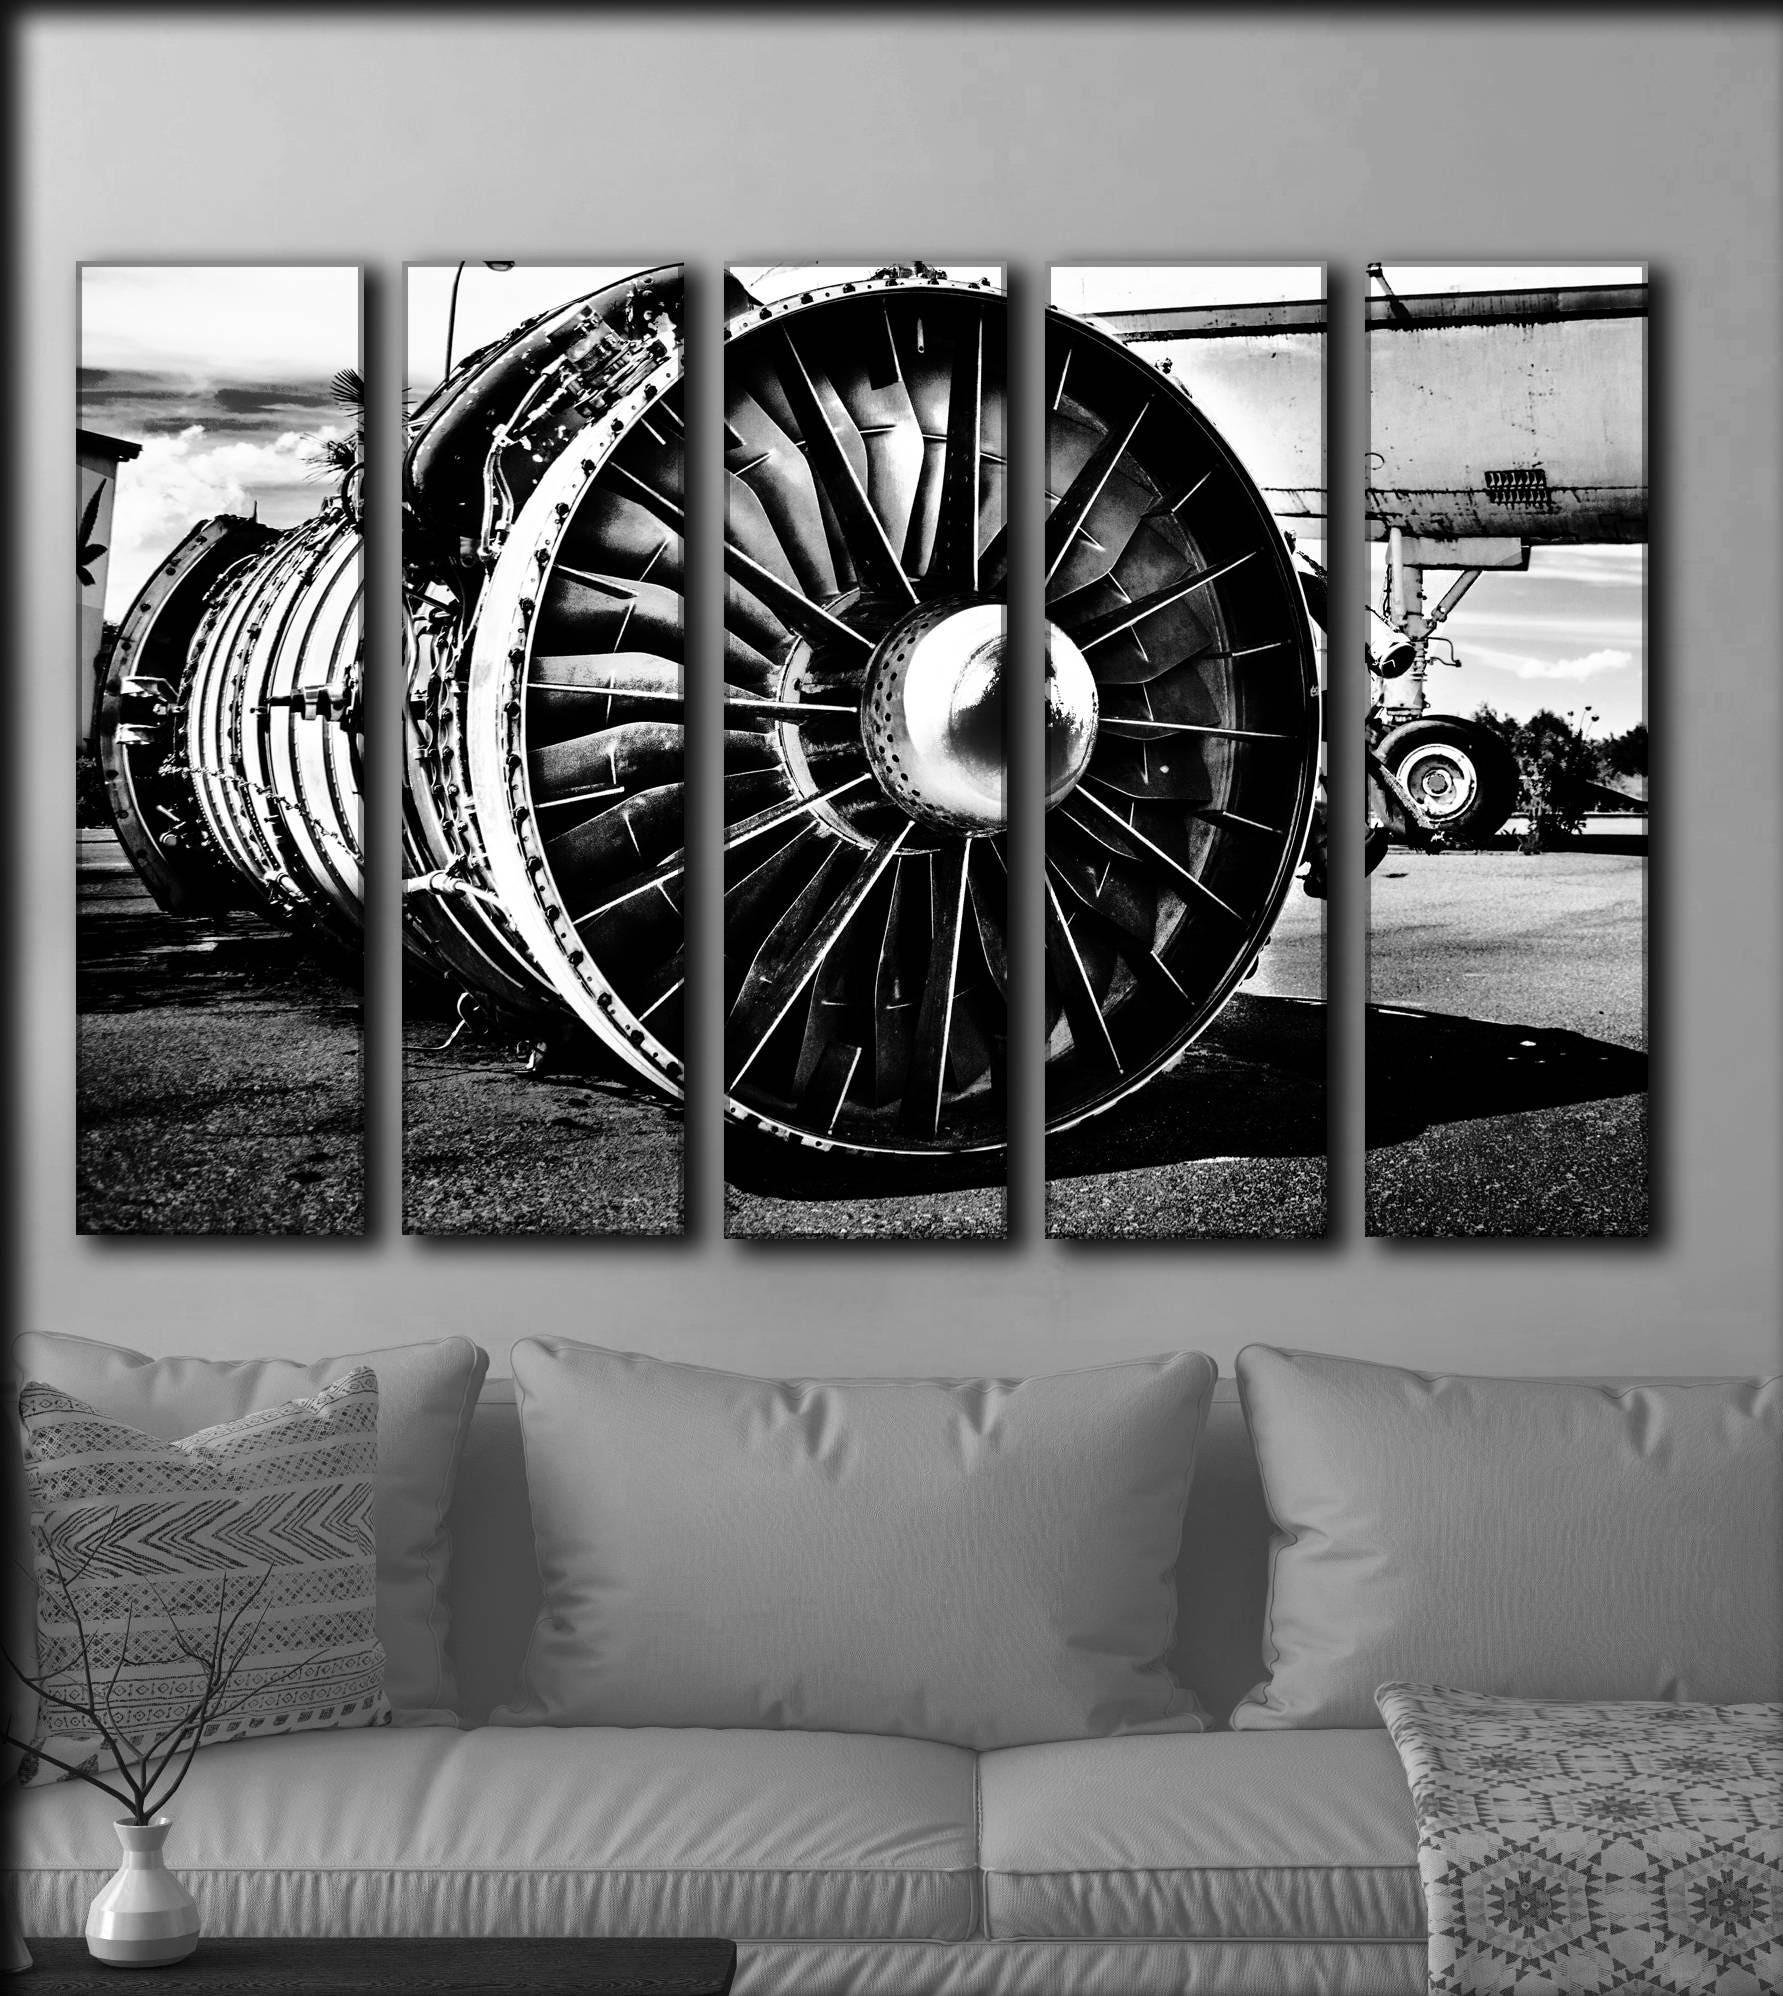 GROßE Flugzeuge Leinwand Wand Kunst Vintage Flugzeug Leinwand